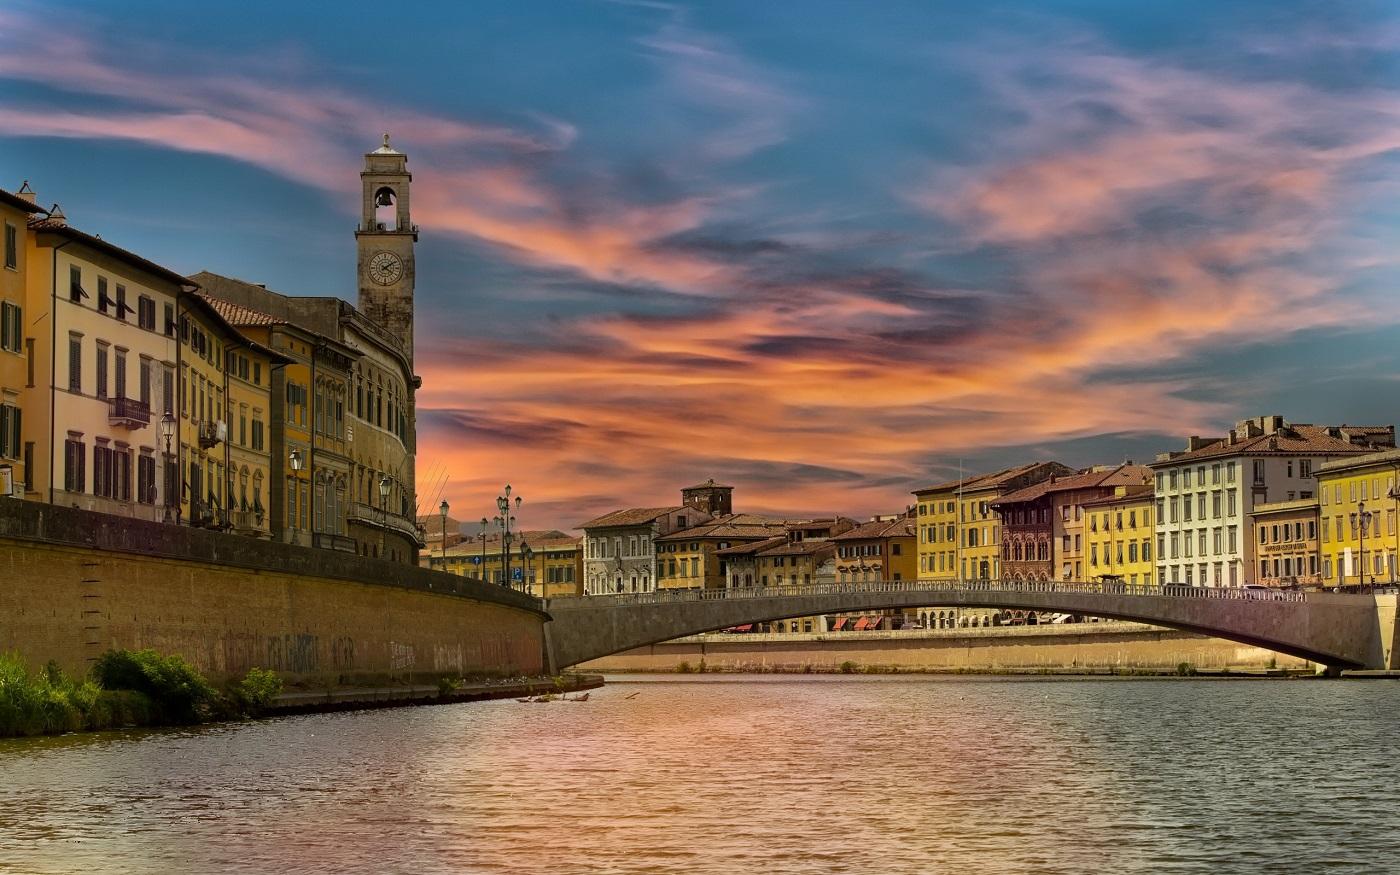 Apele râului conferă orașului alte dimensiuni